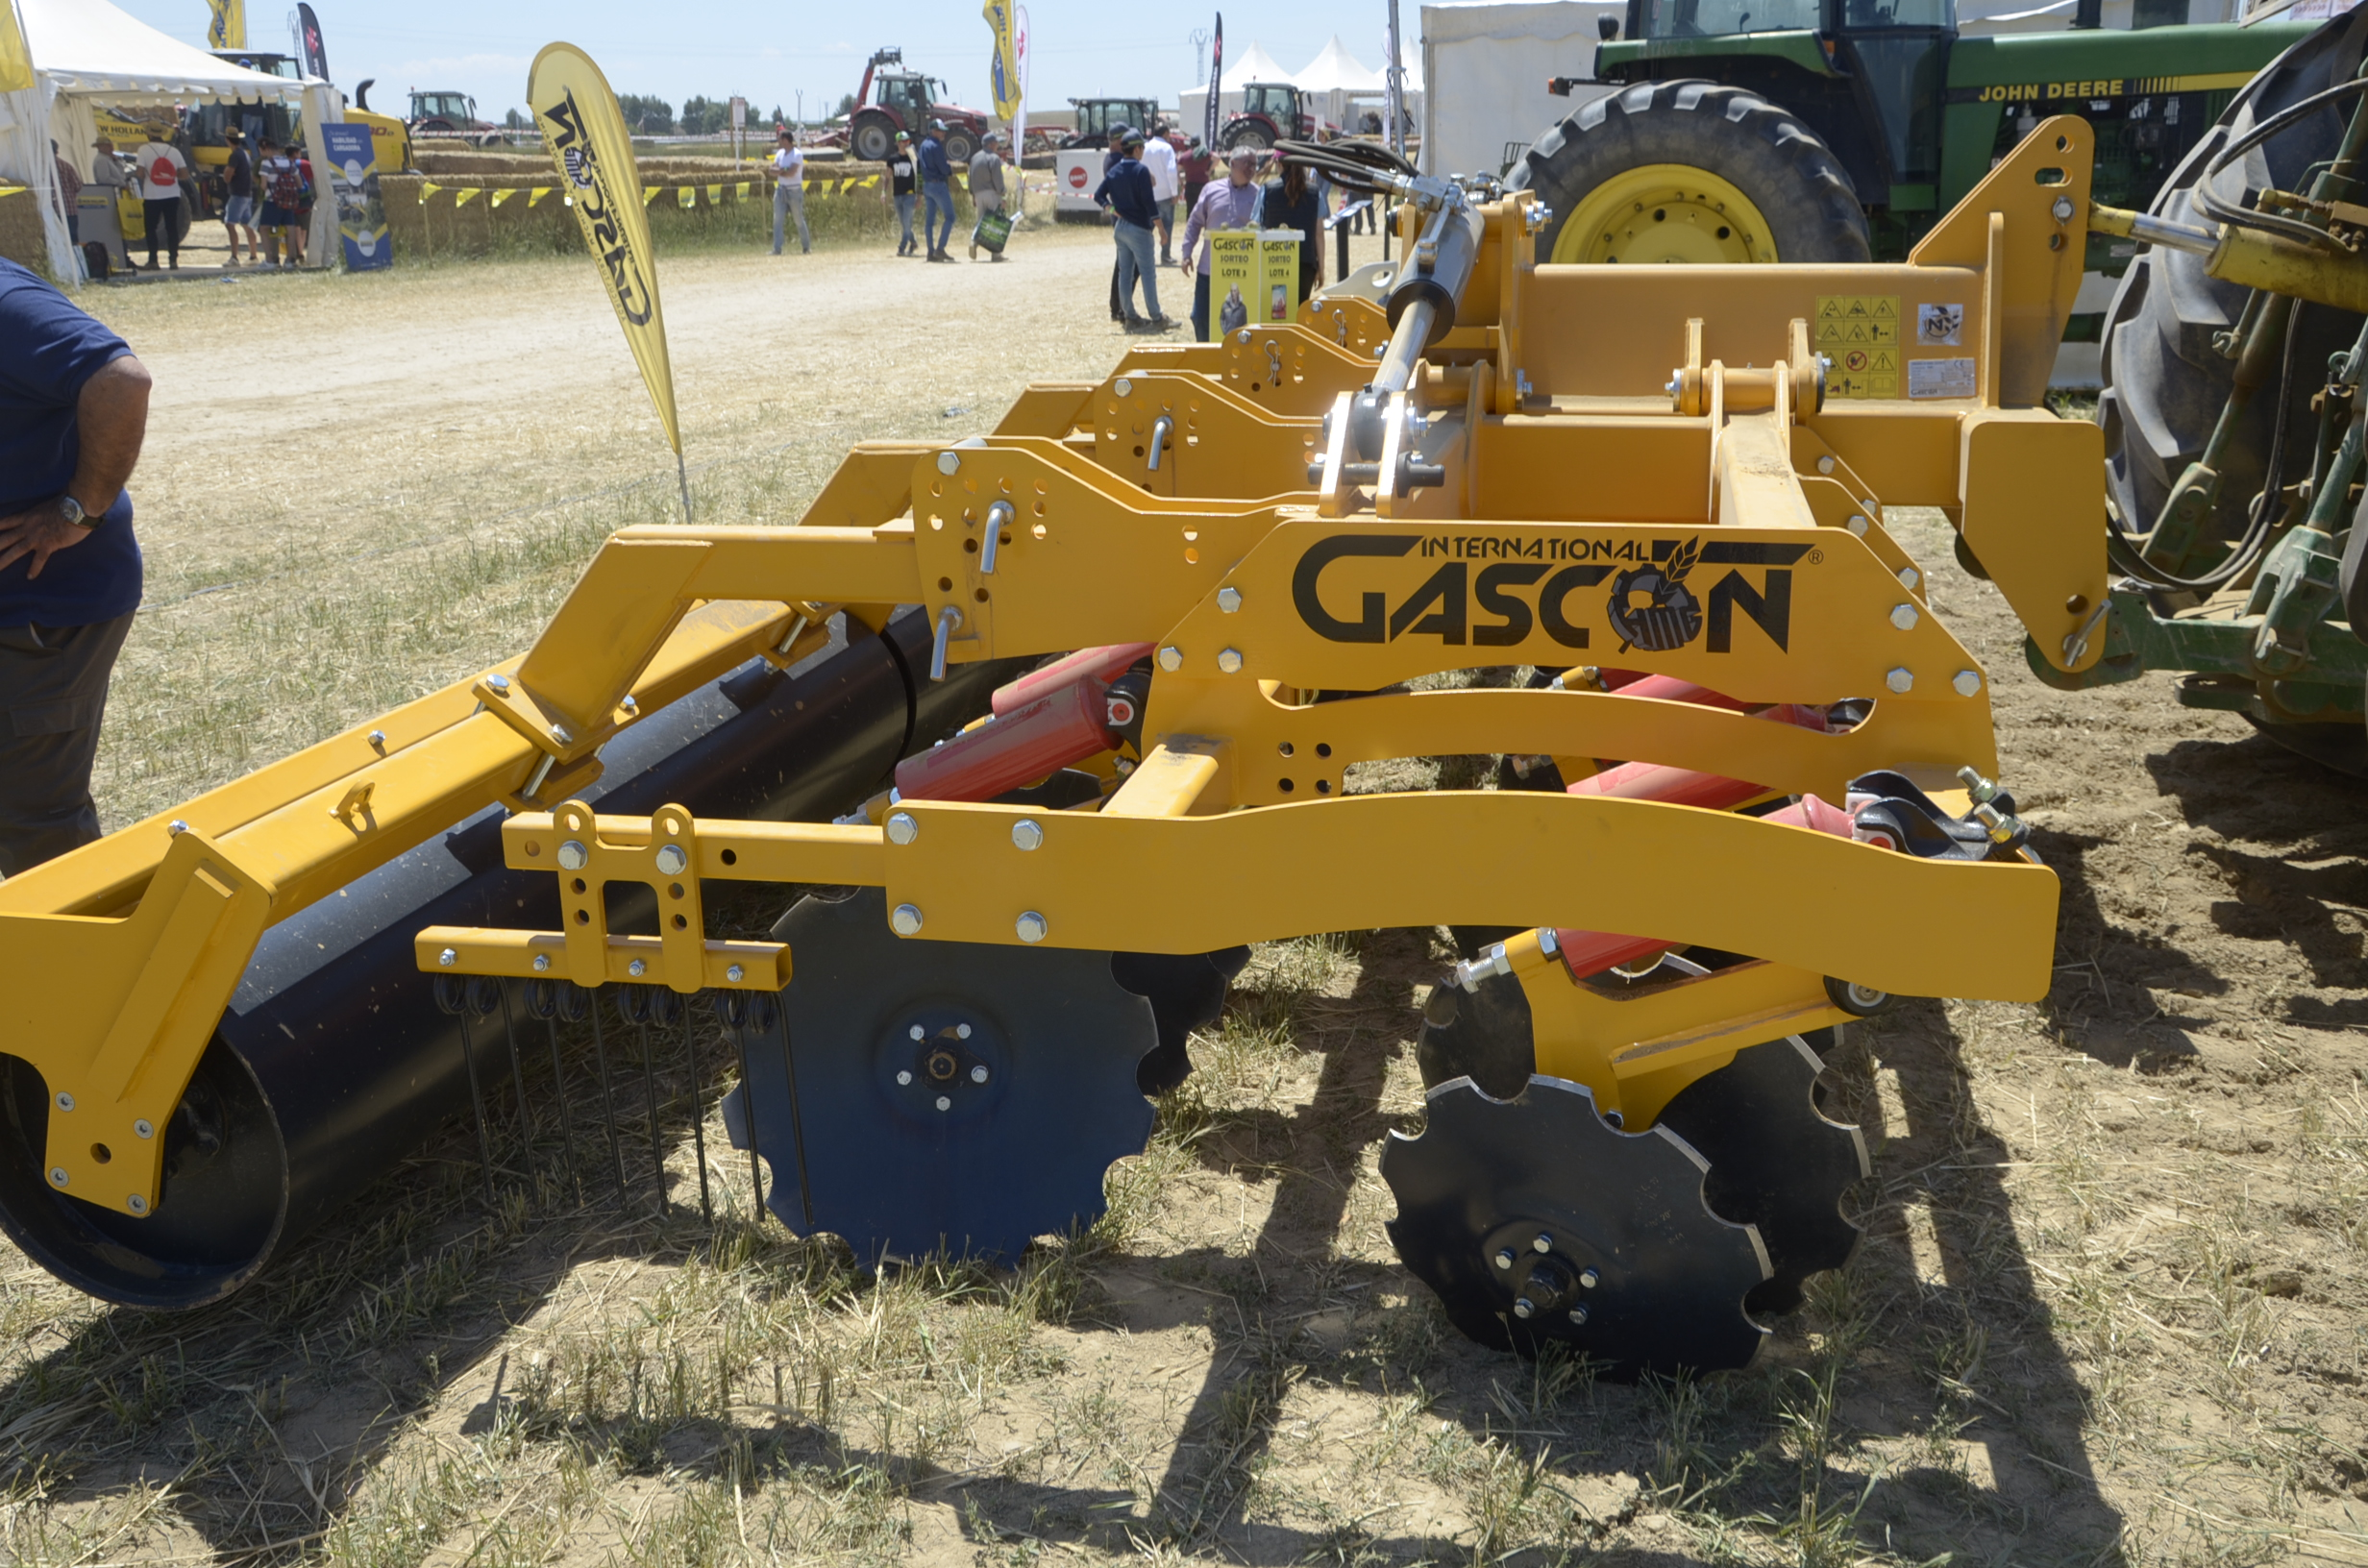 DSC7467